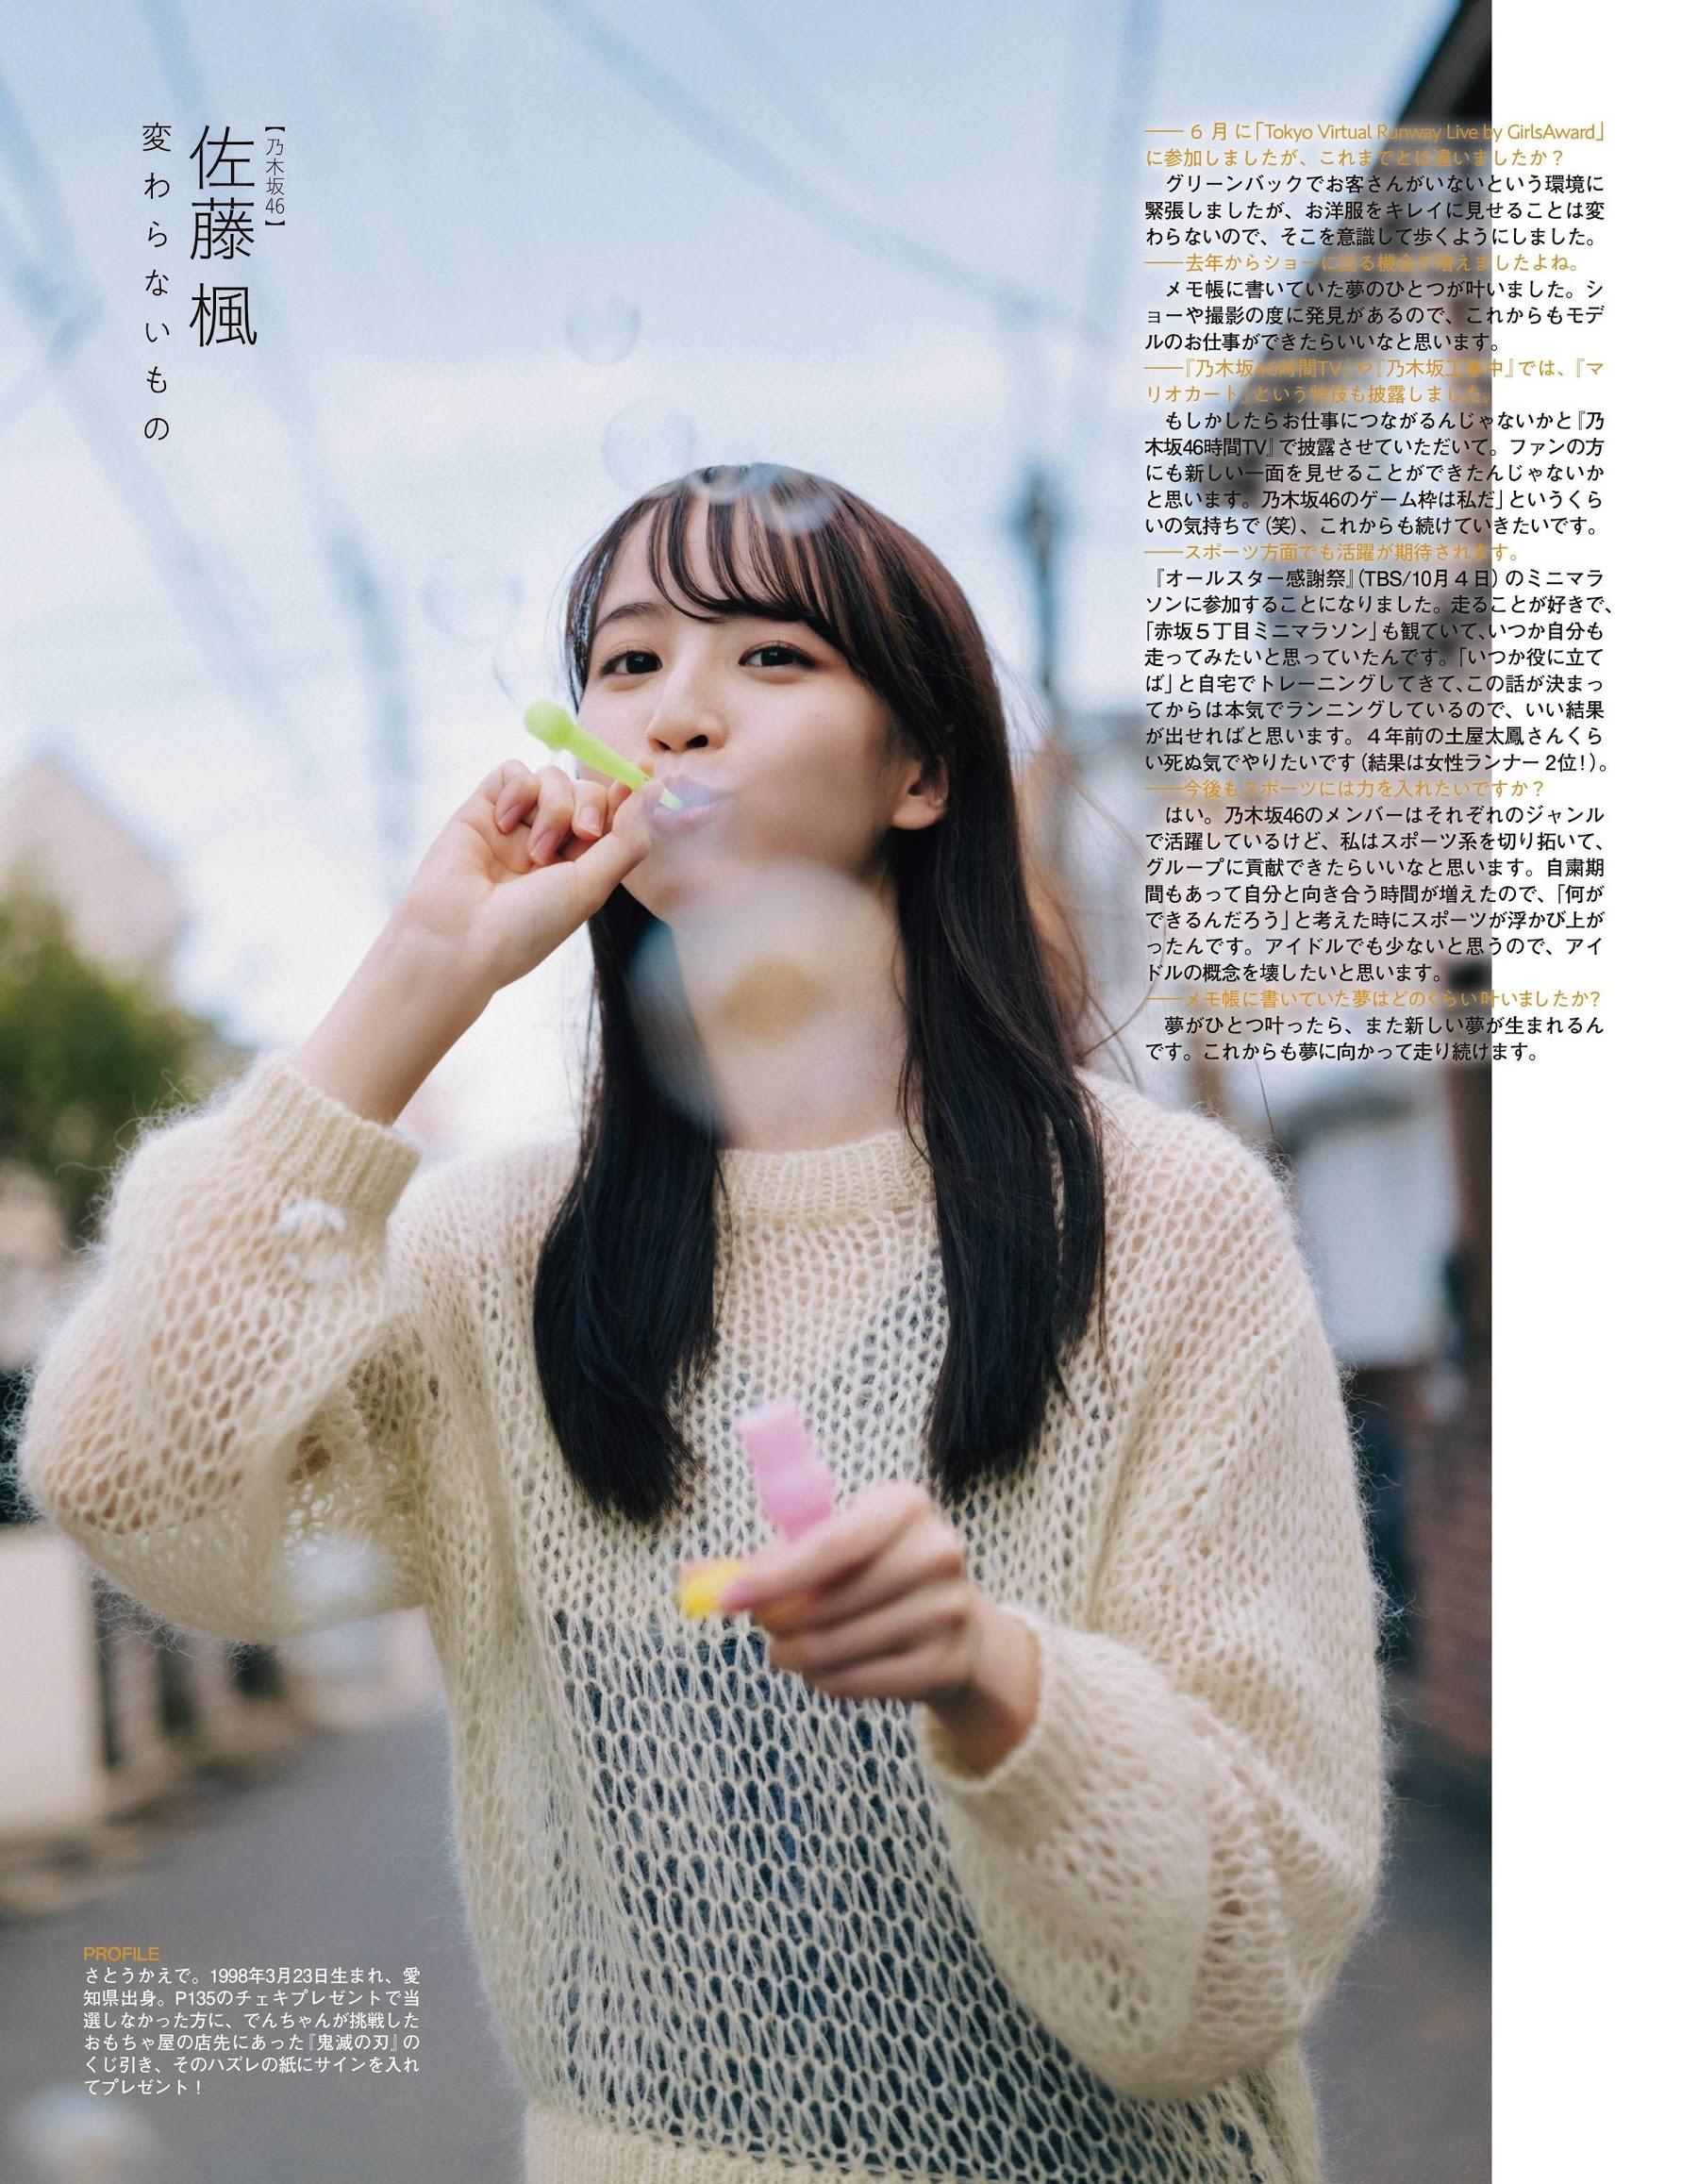 佐藤楓48